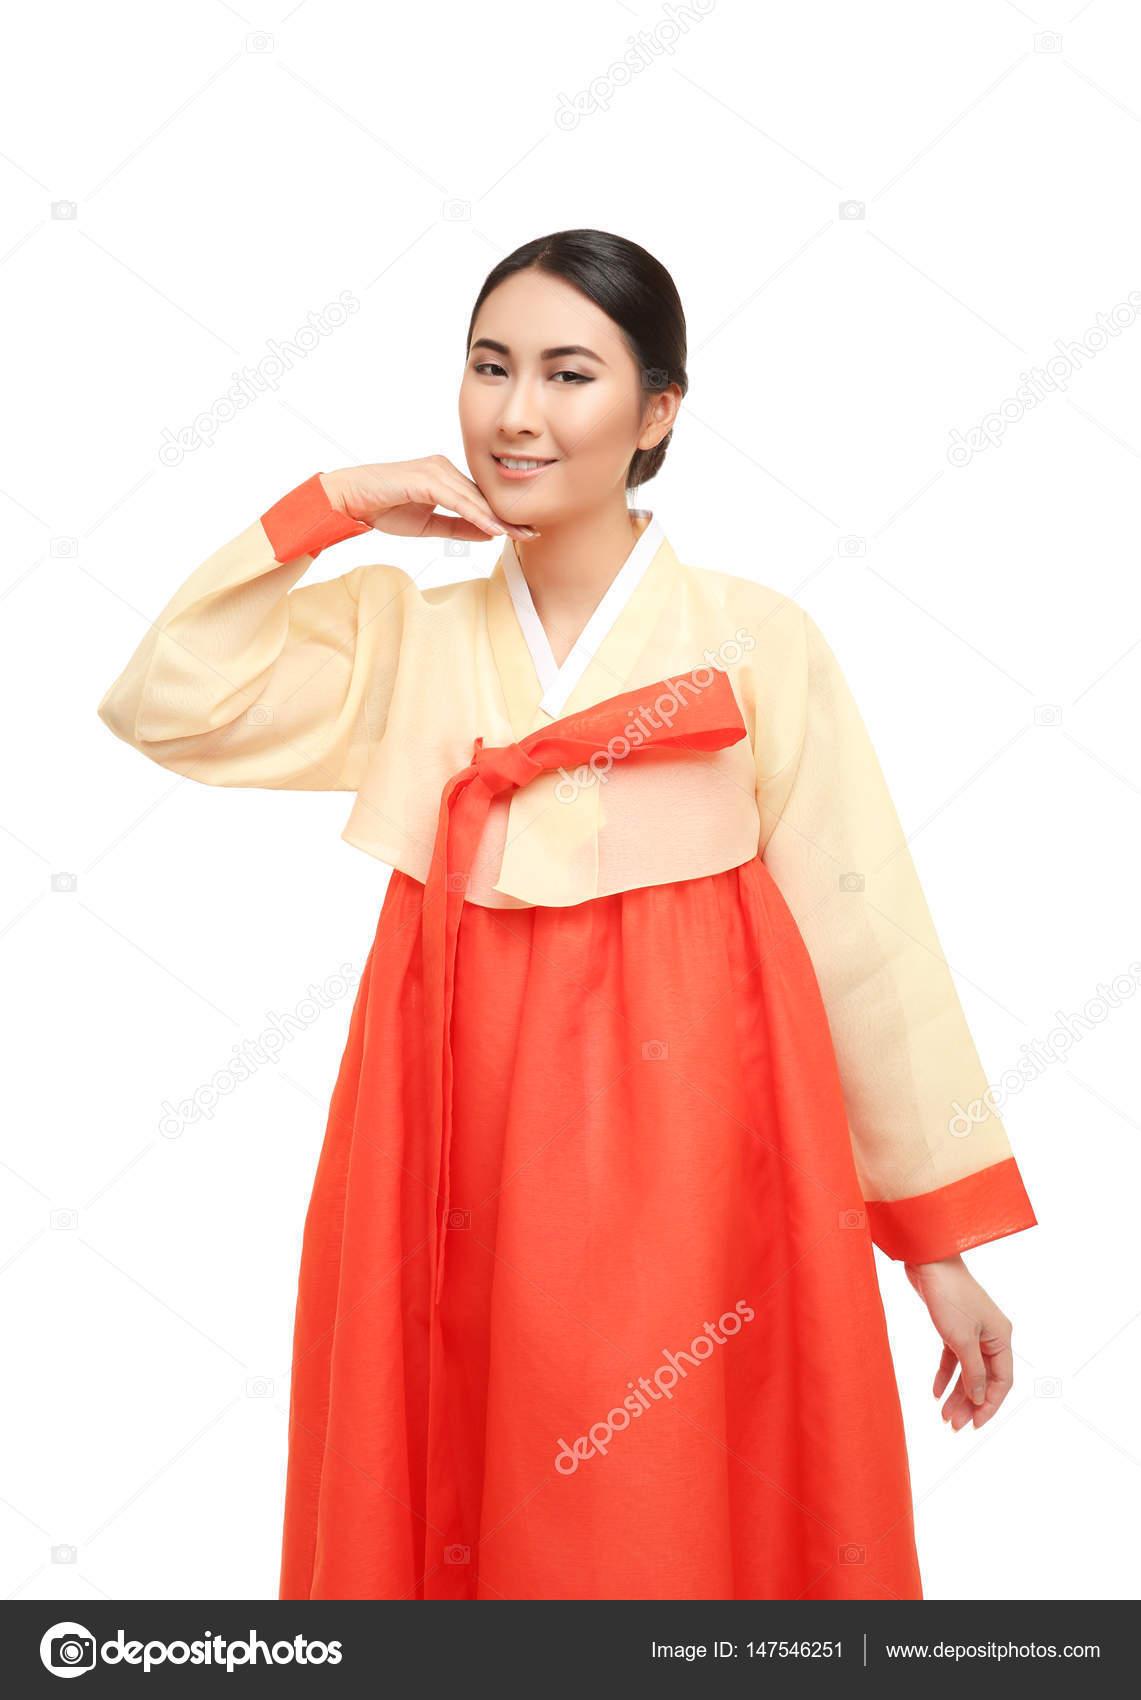 Traditionnel — Femme En Coréen Costume Photographie Belchonock f6Yb7gy